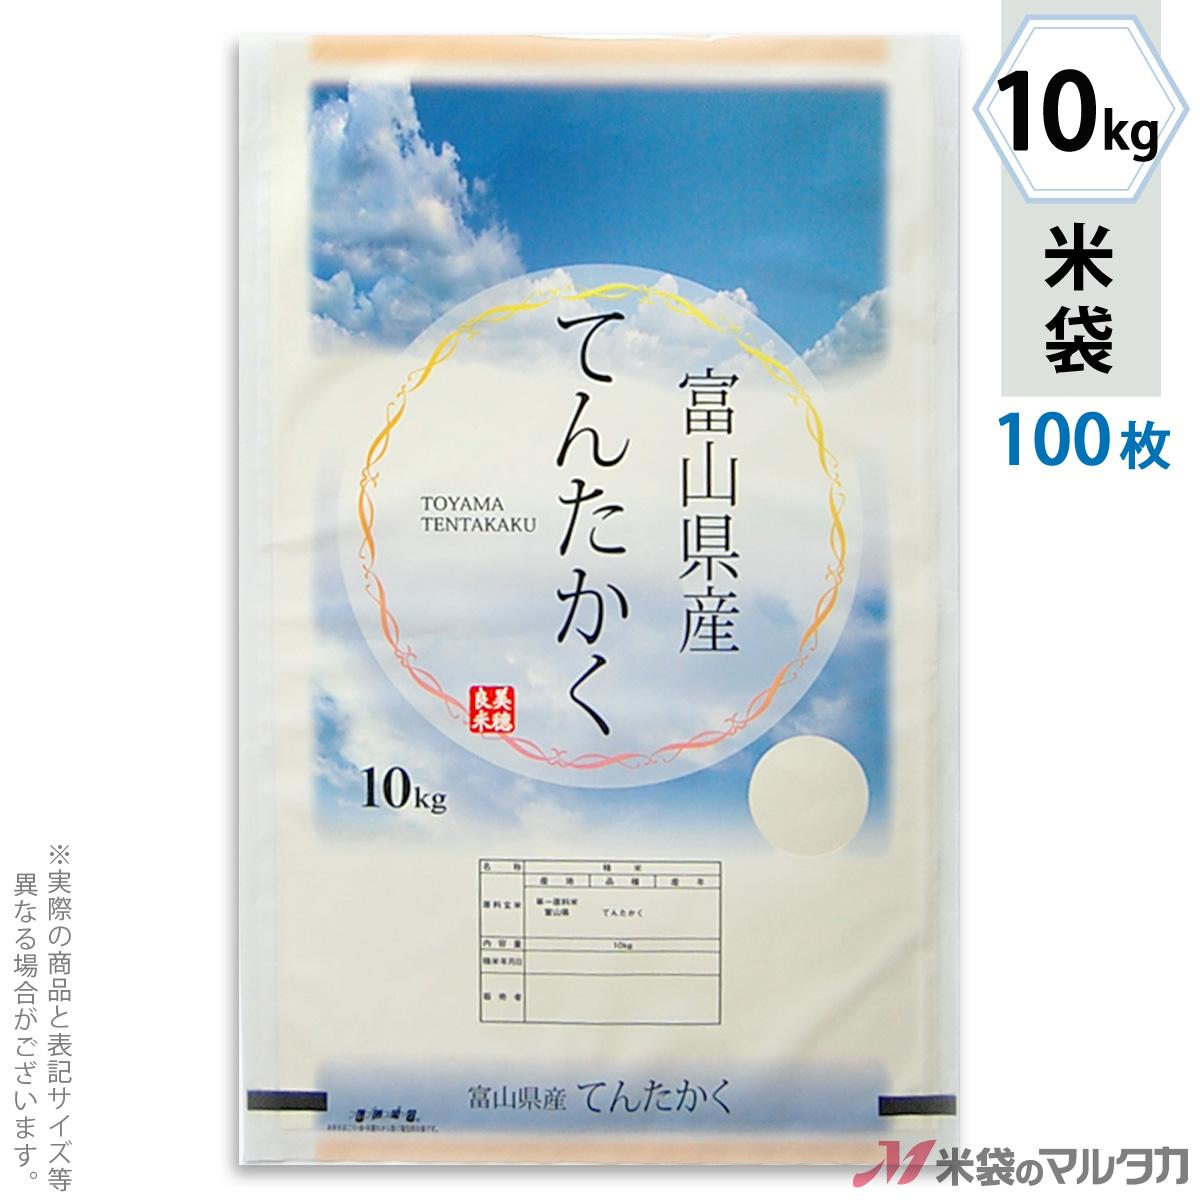 米袋 ラミ フレブレス 富山産てんたかく 天空 10kg 100枚セット MN-0048